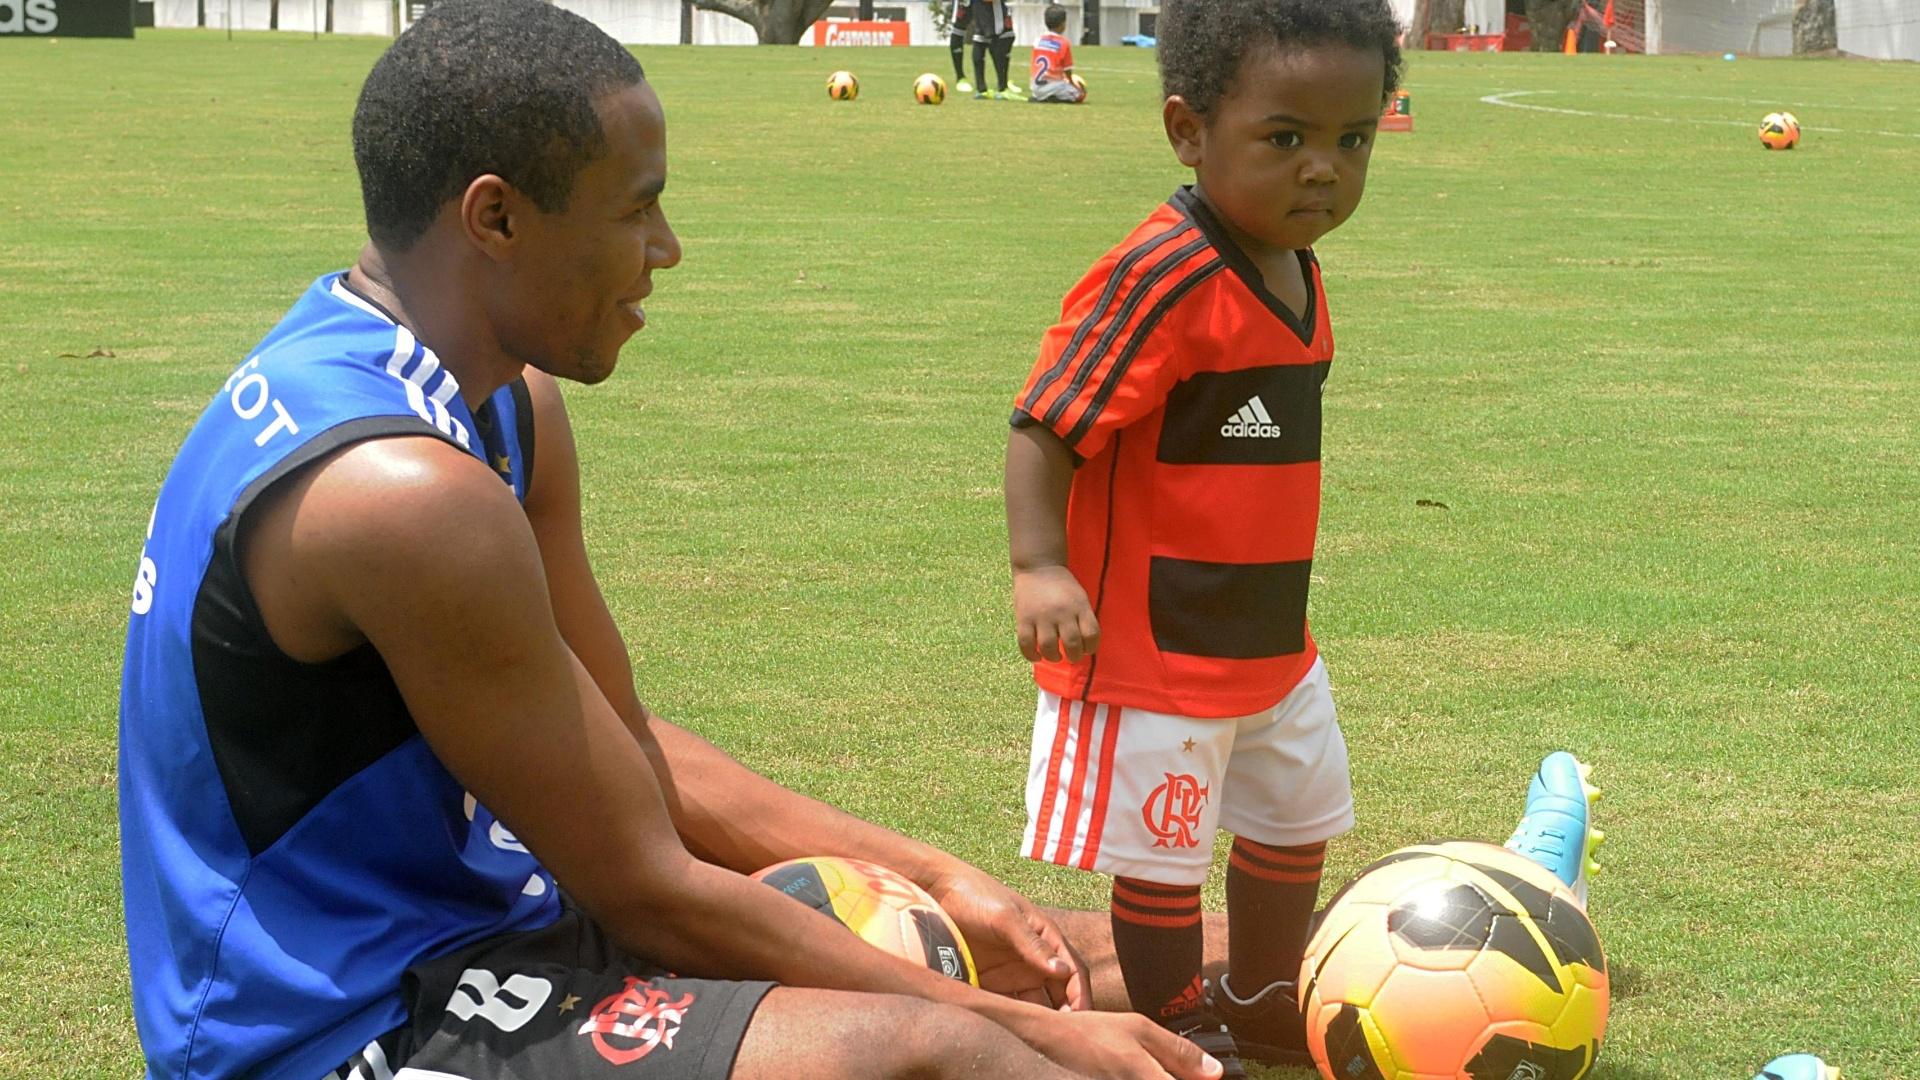 12.out.2013 - Elias, volante do Flamengo, leva o filho ao treino do time na Gávea. O garotou roubou a atenção na sessão deste sábado